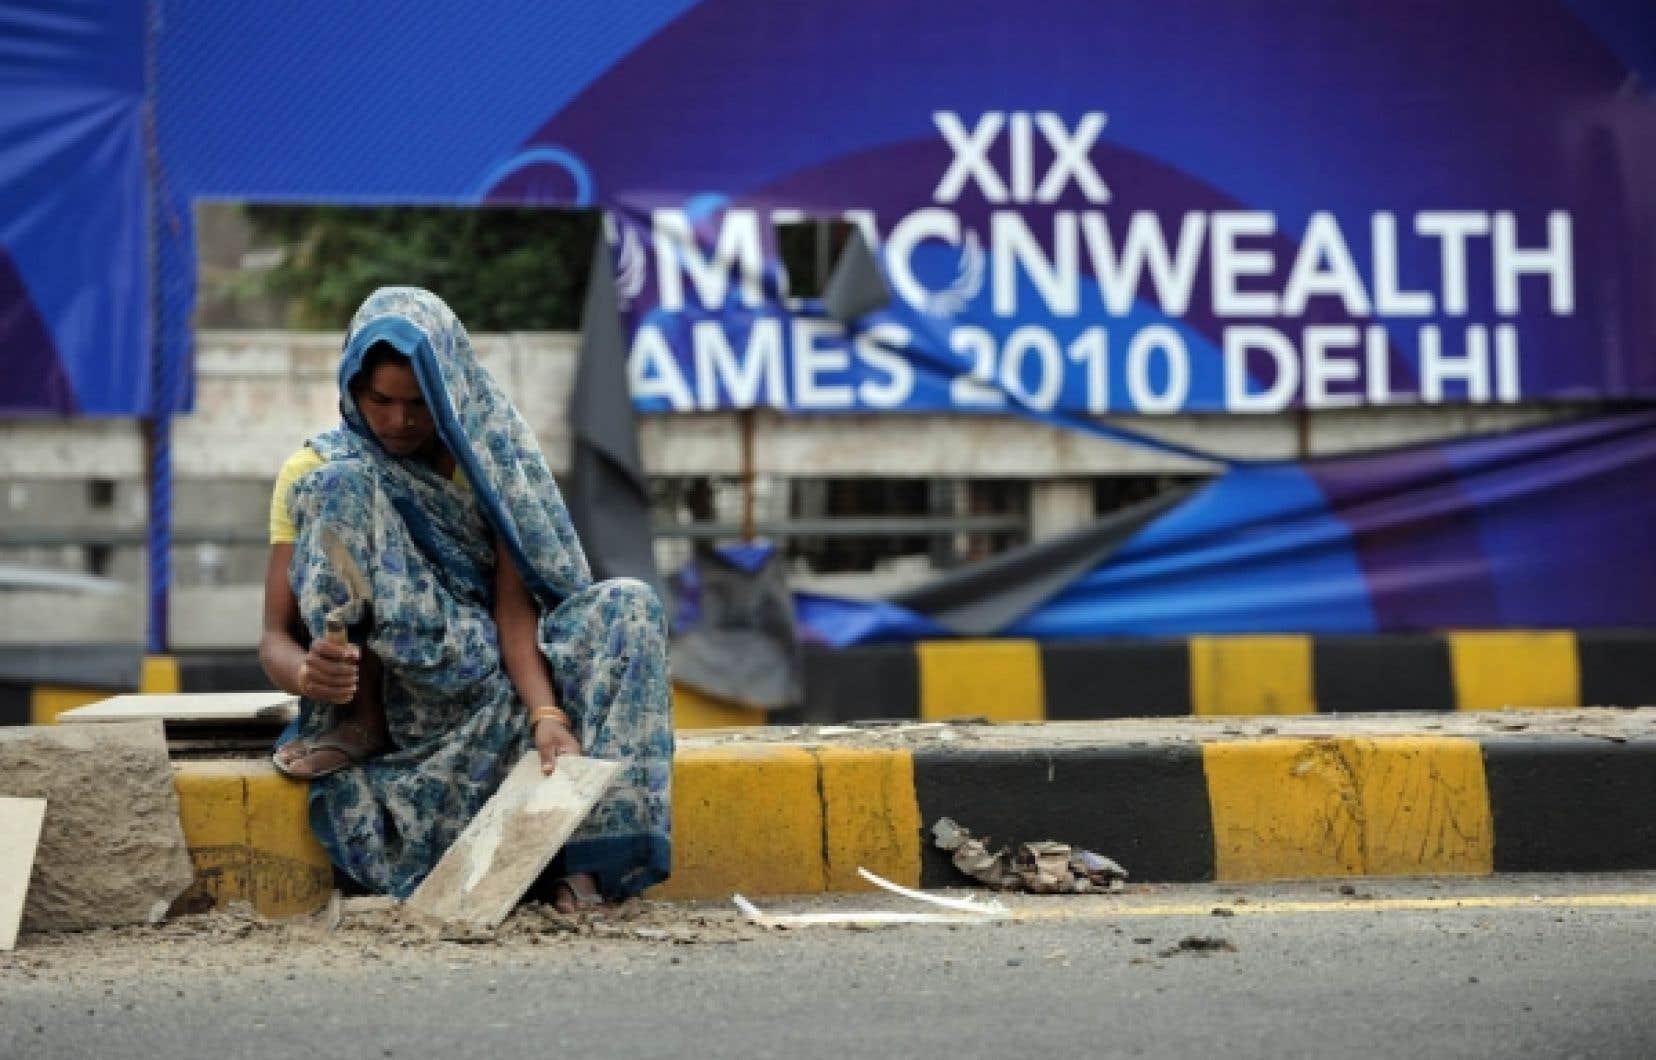 À New Delhi, une femme est photographiée devant une affiche des Jeux du Commonwealth.<br />